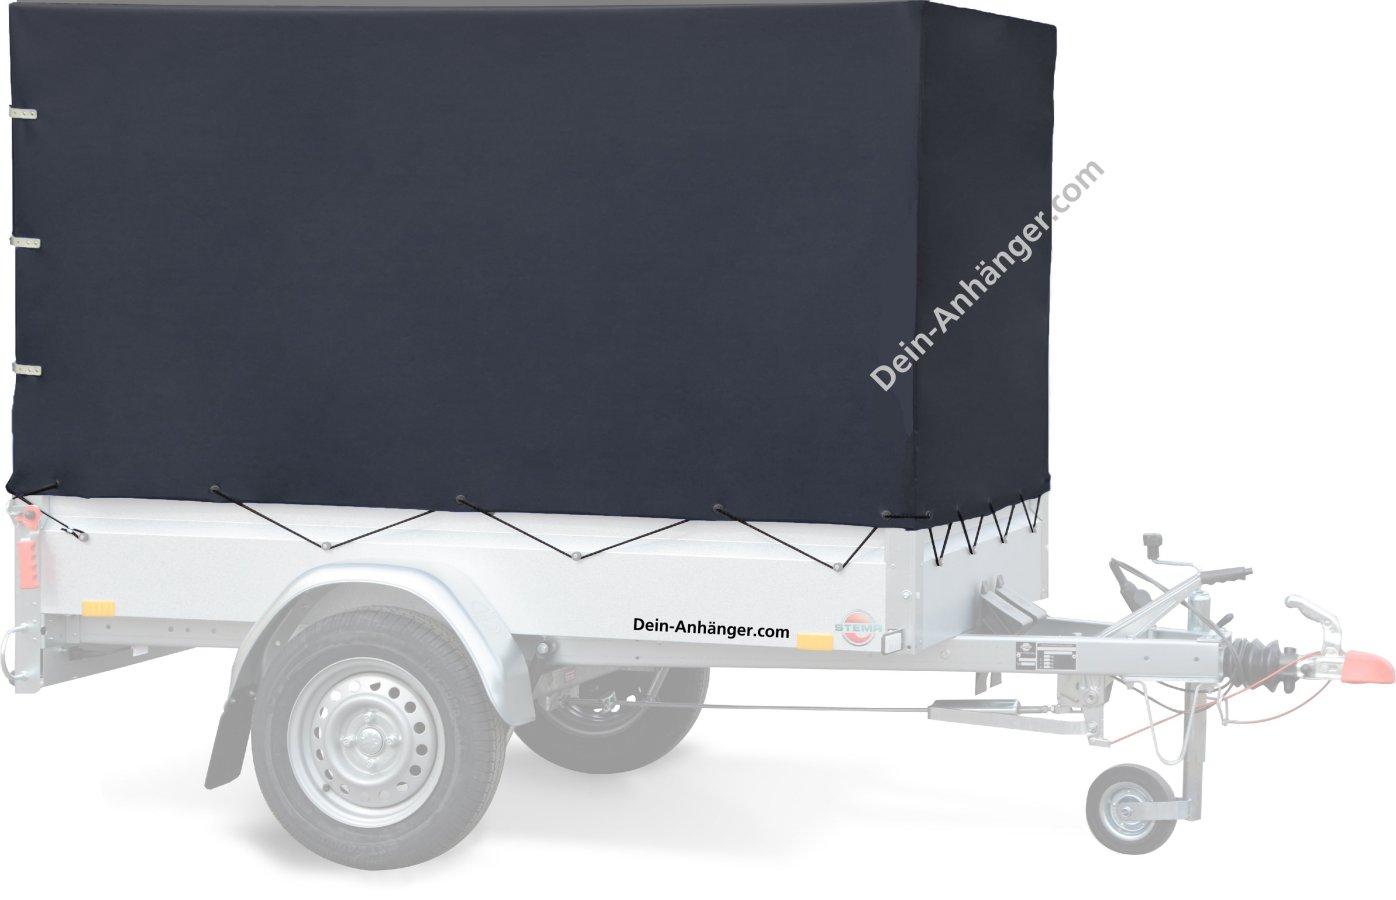 Stema Hp 6070 Ersatzteile : spriegel hochplane 100cm anthrazit f r stema anh nger mit den kastengr e innenma 108 x 201 ~ Aude.kayakingforconservation.com Haus und Dekorationen